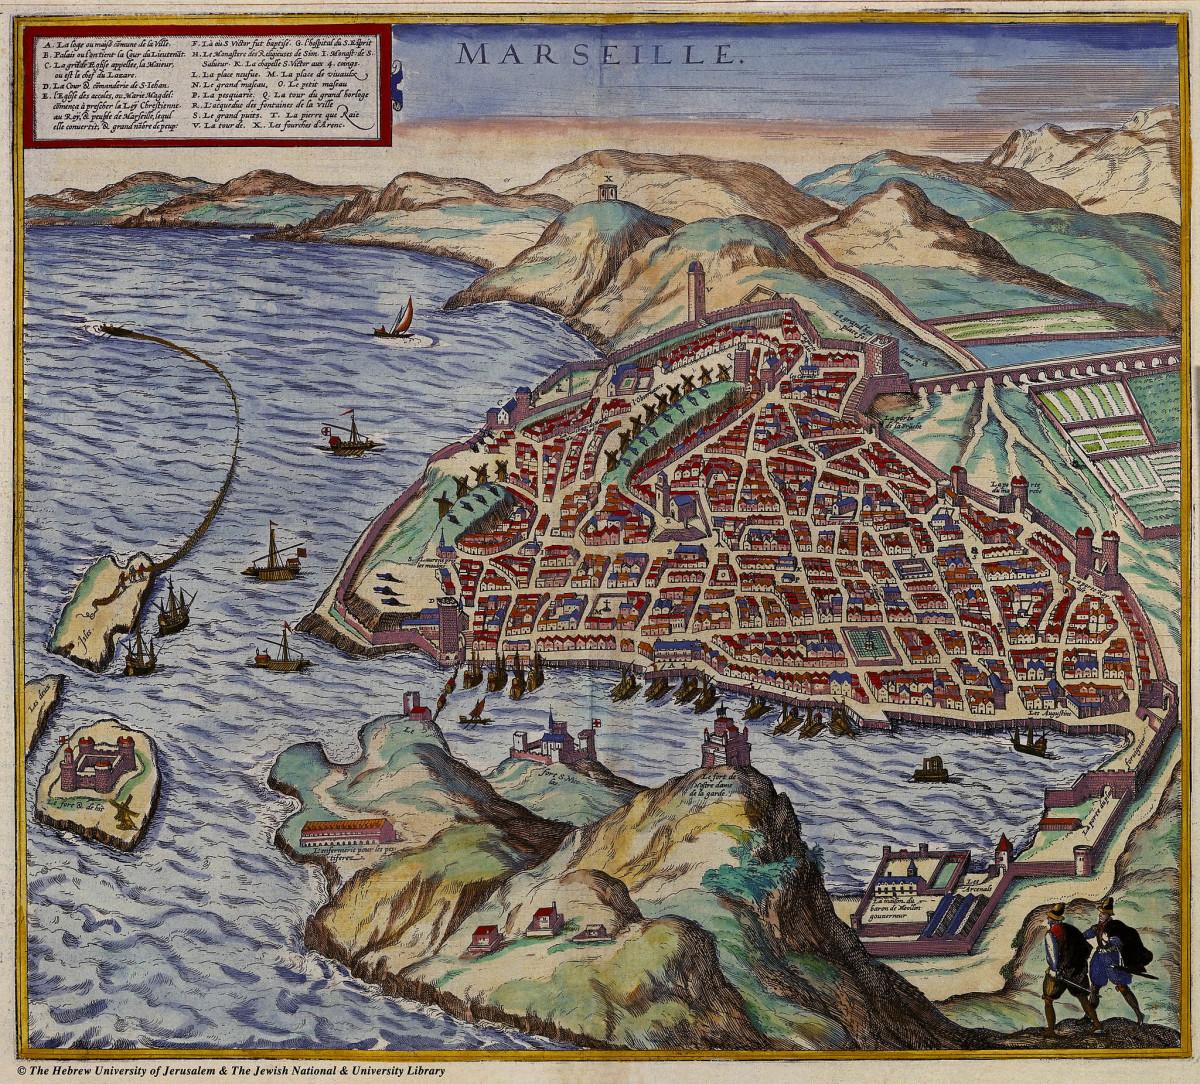 Plan de Marseille en 1575, Braun and Hogenberg, Civitates Orbis Terrarum, II-12, 1575